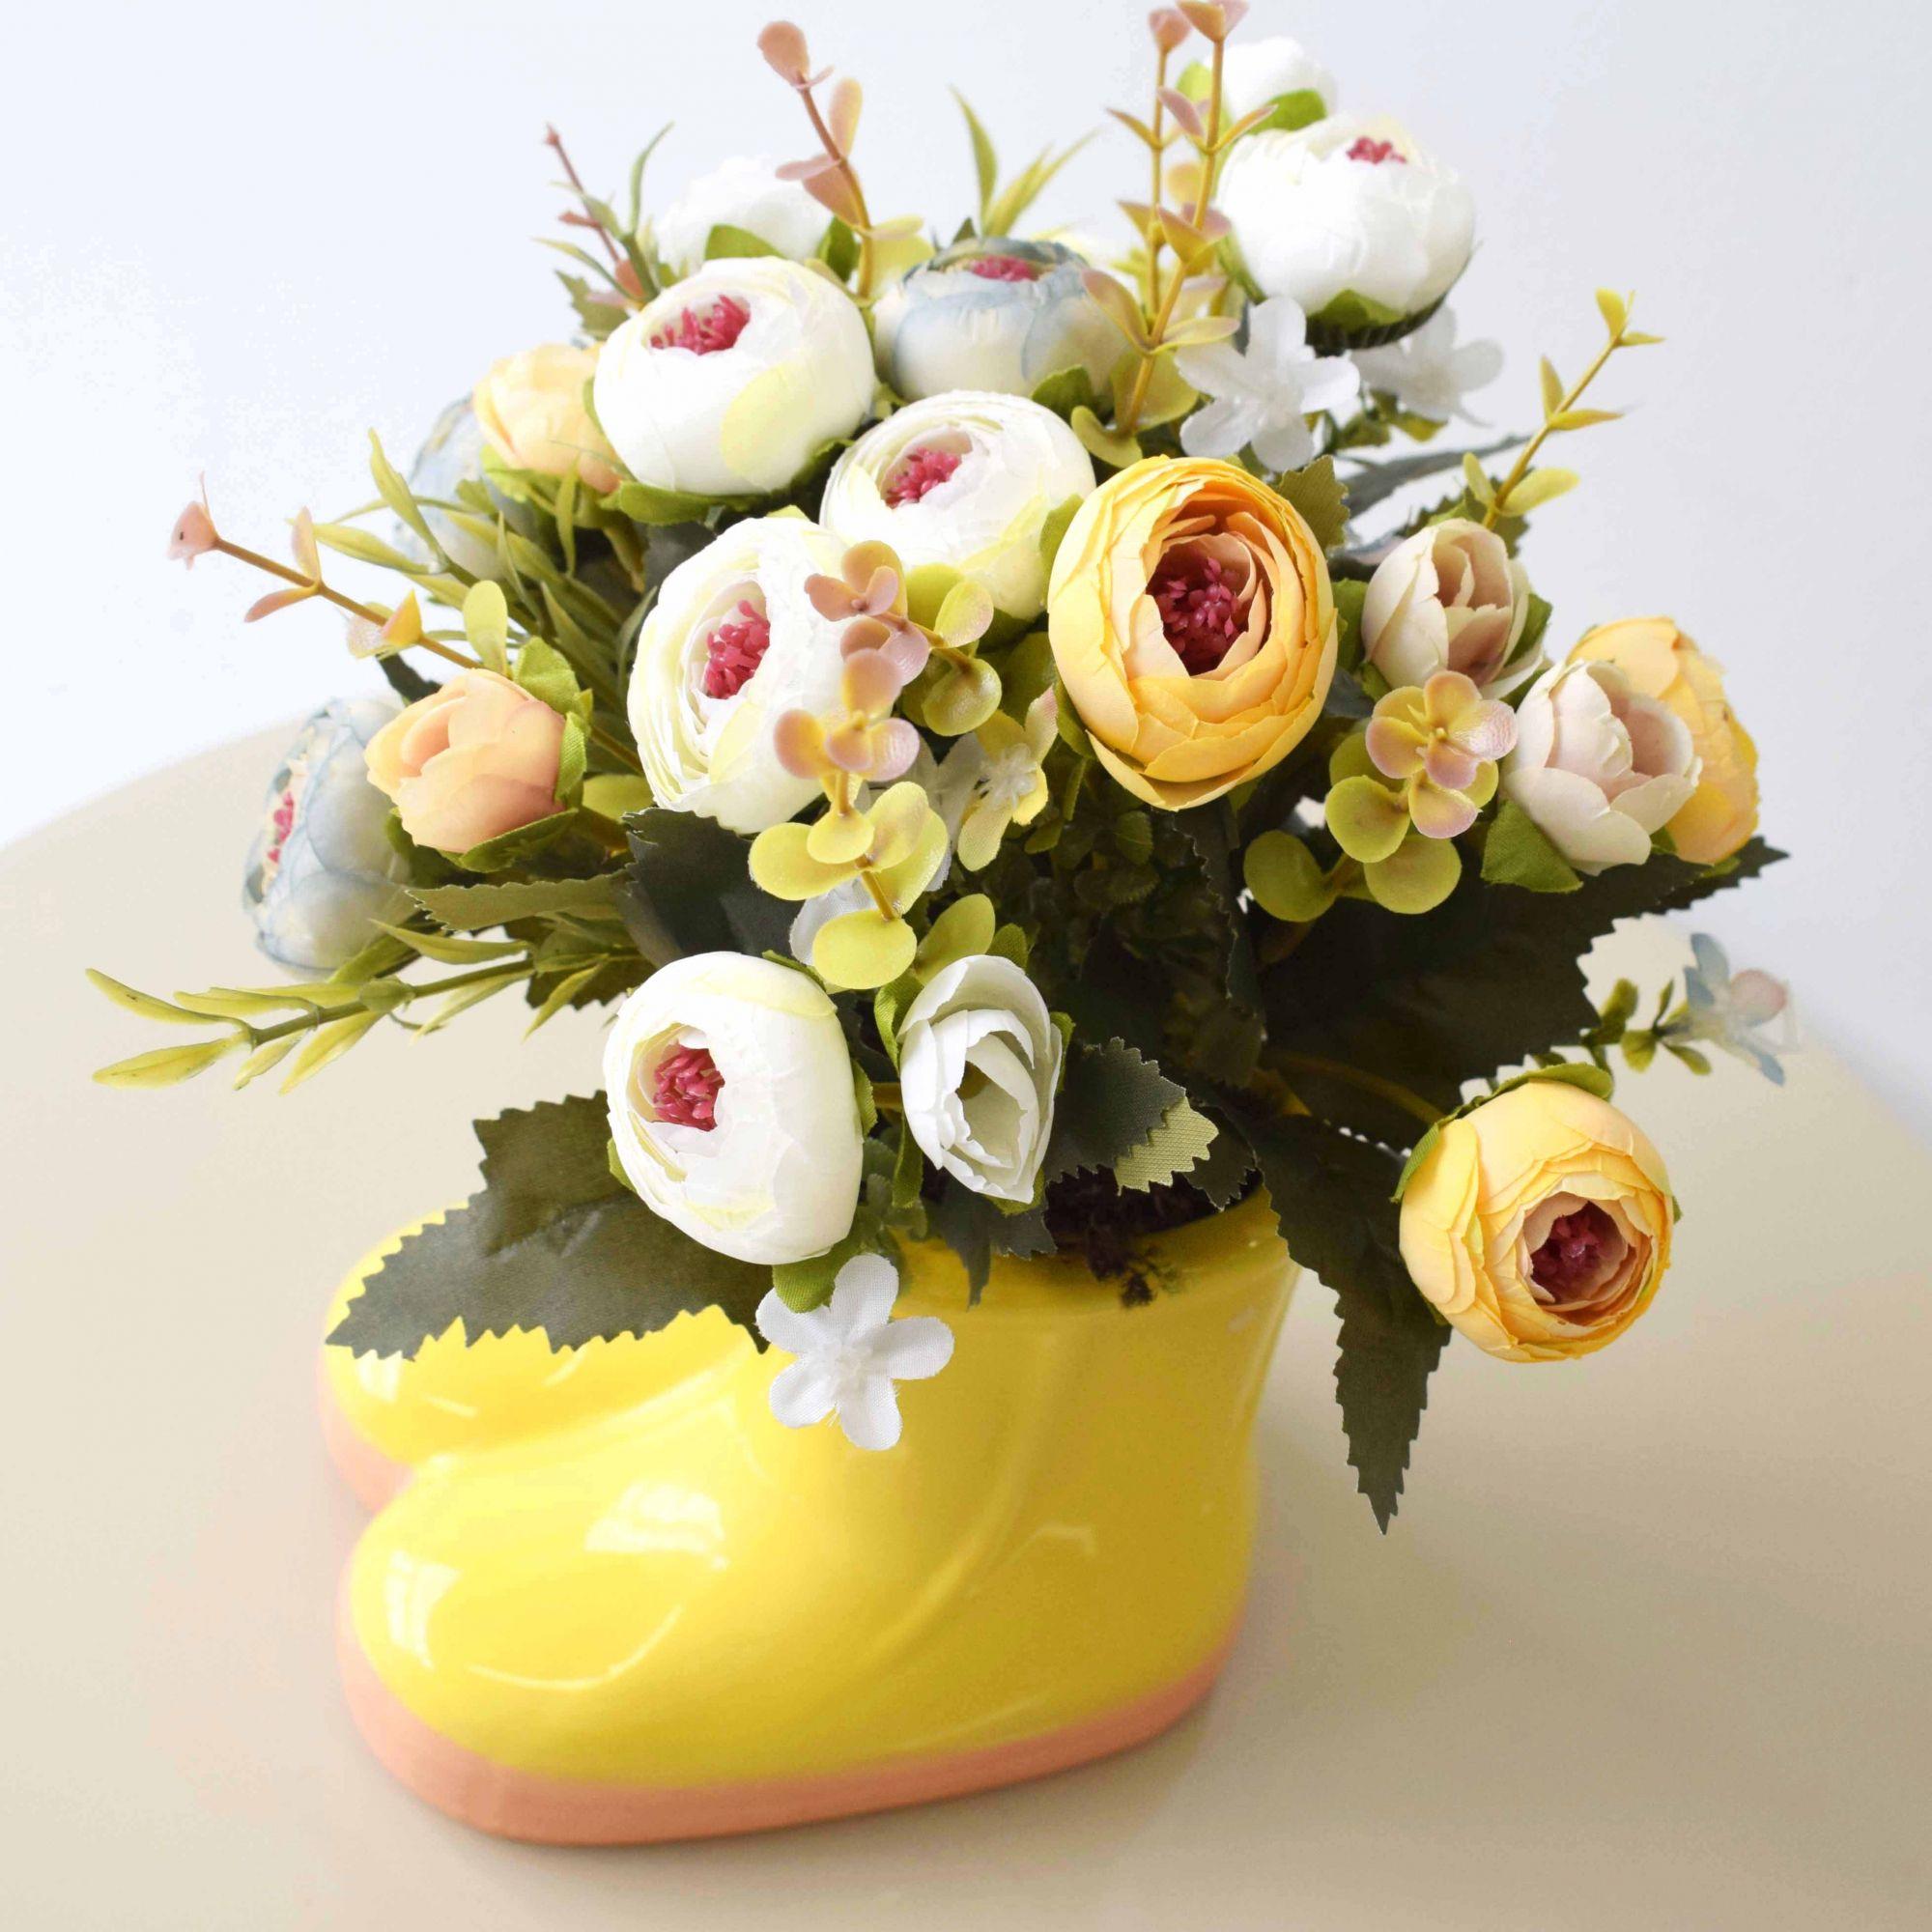 Flores artificiais Arranjo de Flores Coloridas no Vaso de Botinha de Cerâmica|Linha permanente Formosinha